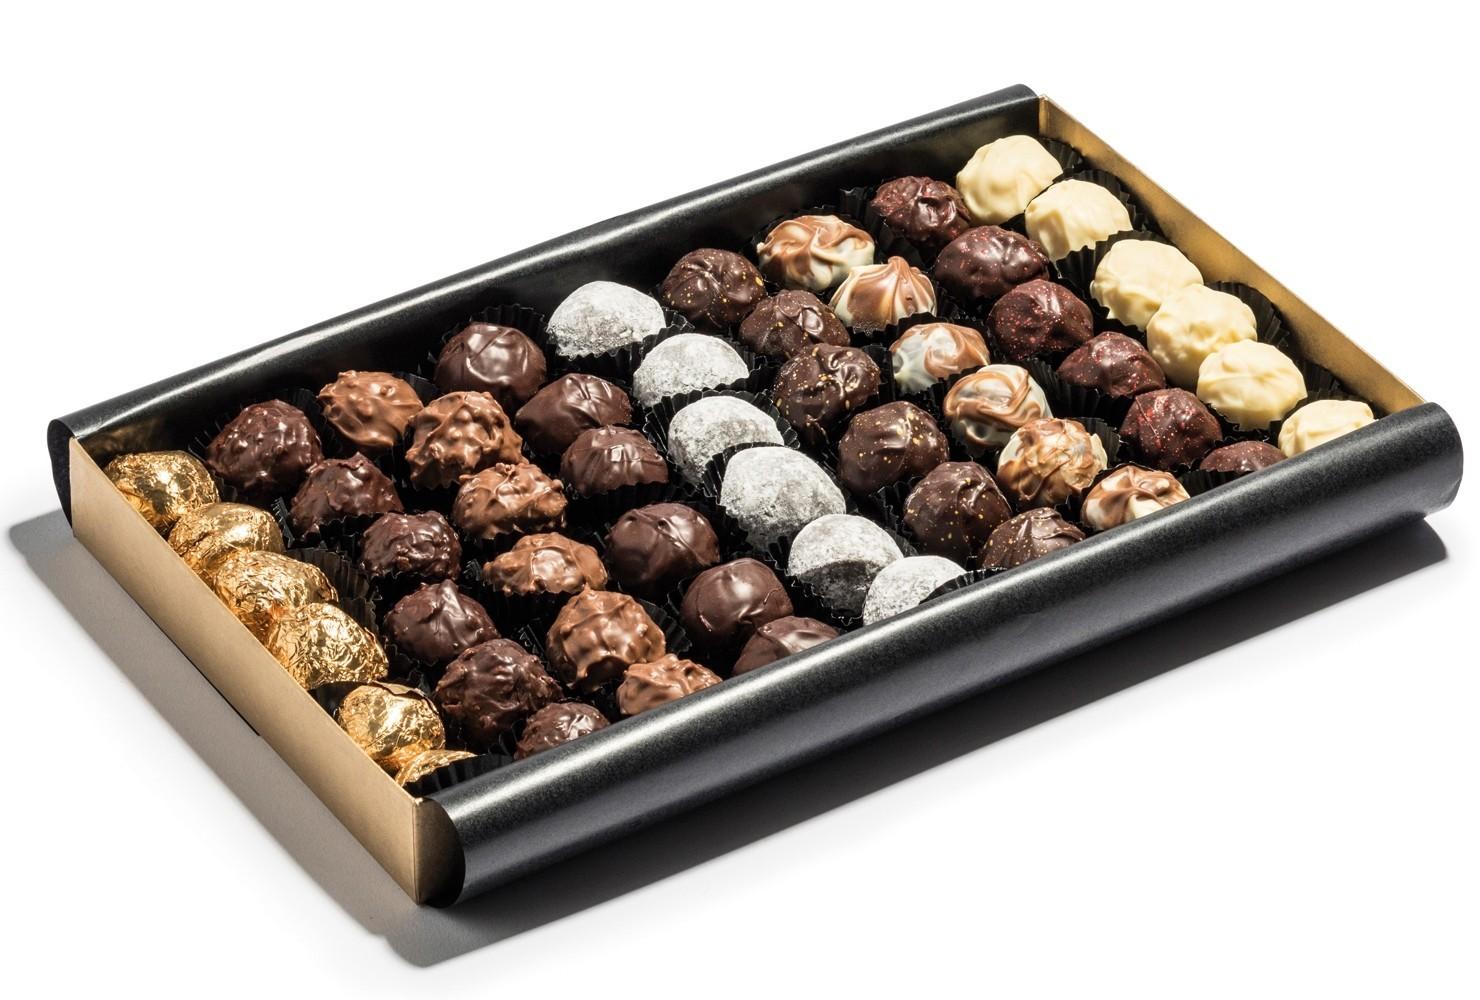 Assorted Truffles (54pcs) - $122.50